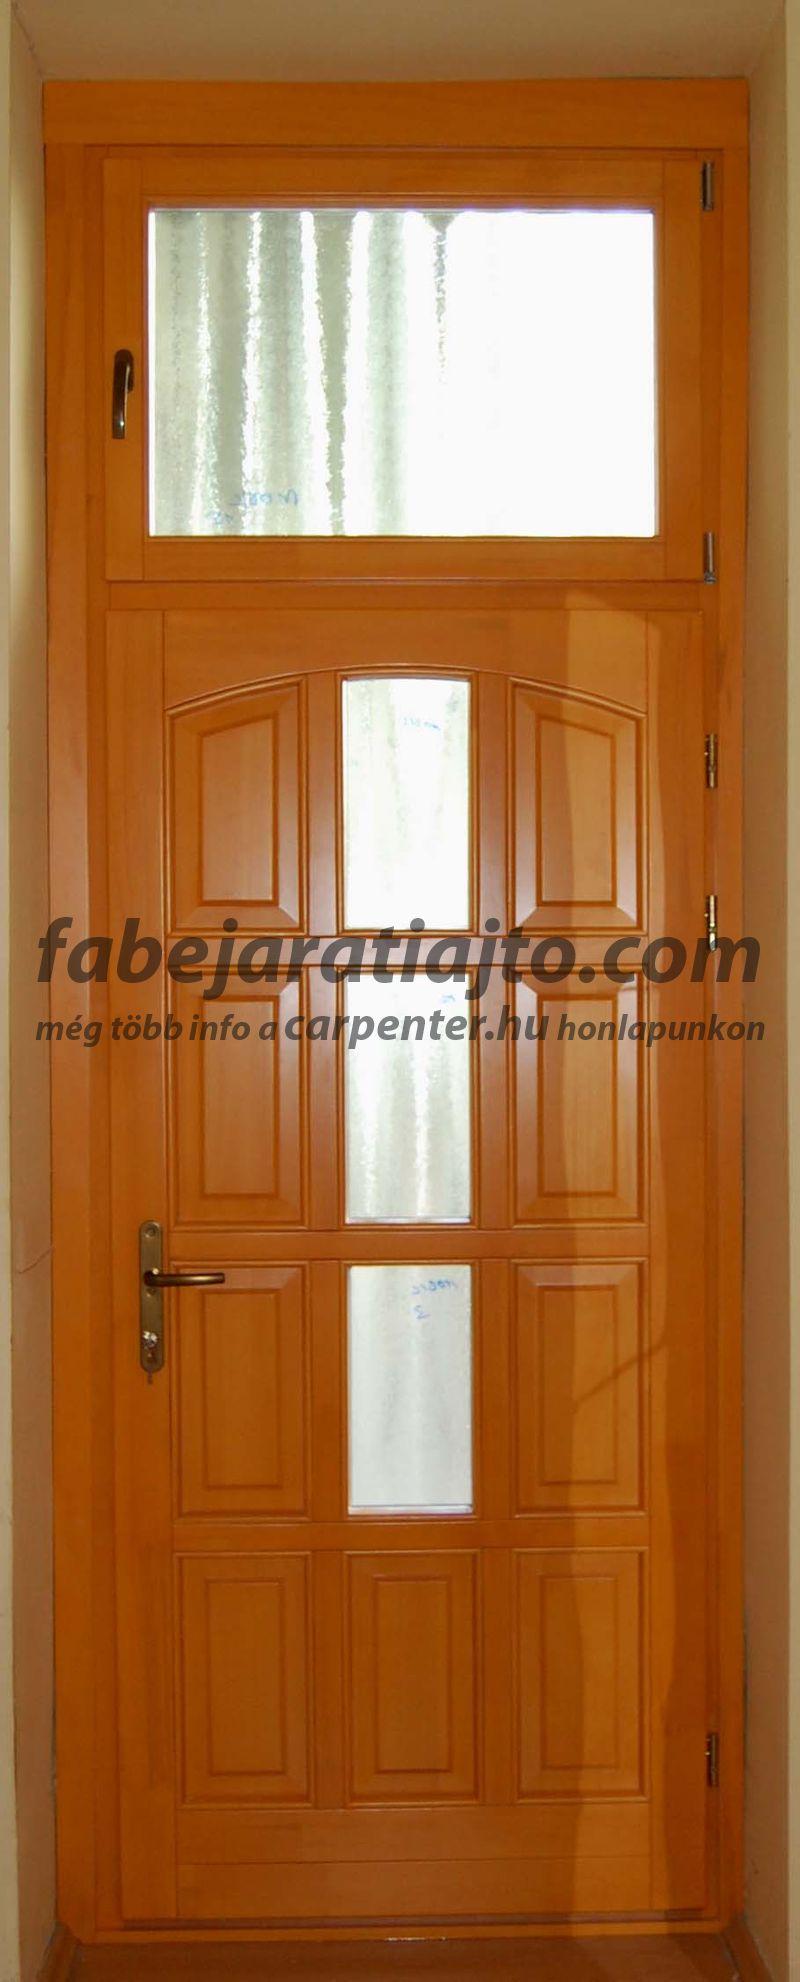 tokráépítéses bejárati ajtó cseréje